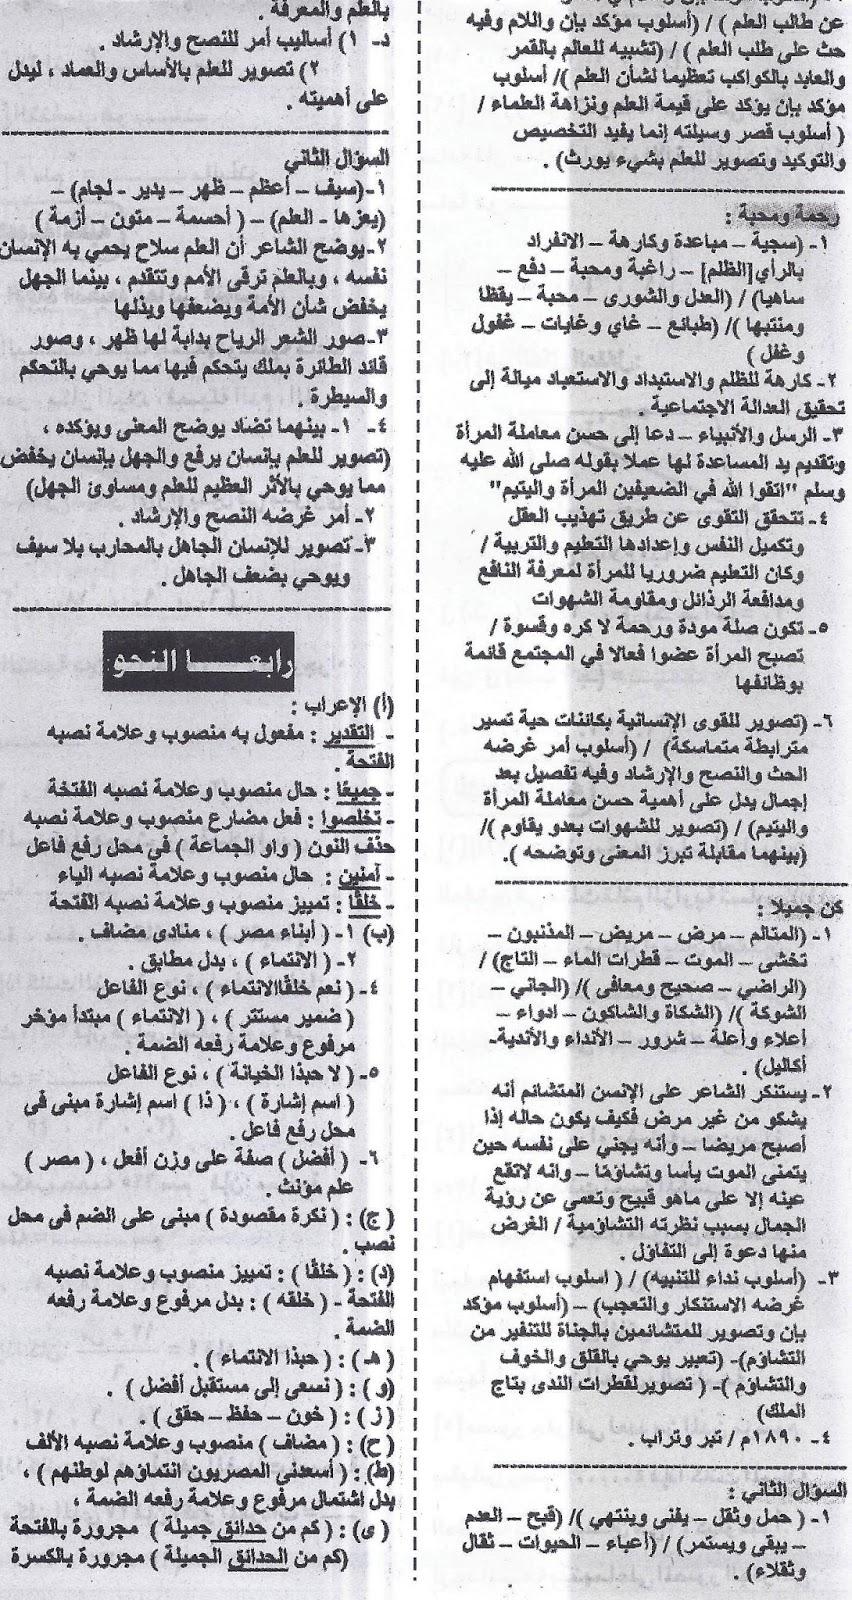 اهم توقعات خبراء الامتحانات فى اللغة العربية ... للشهادة الاعدادية - ملحق الجمهورية 16/1/2016 Scan0011